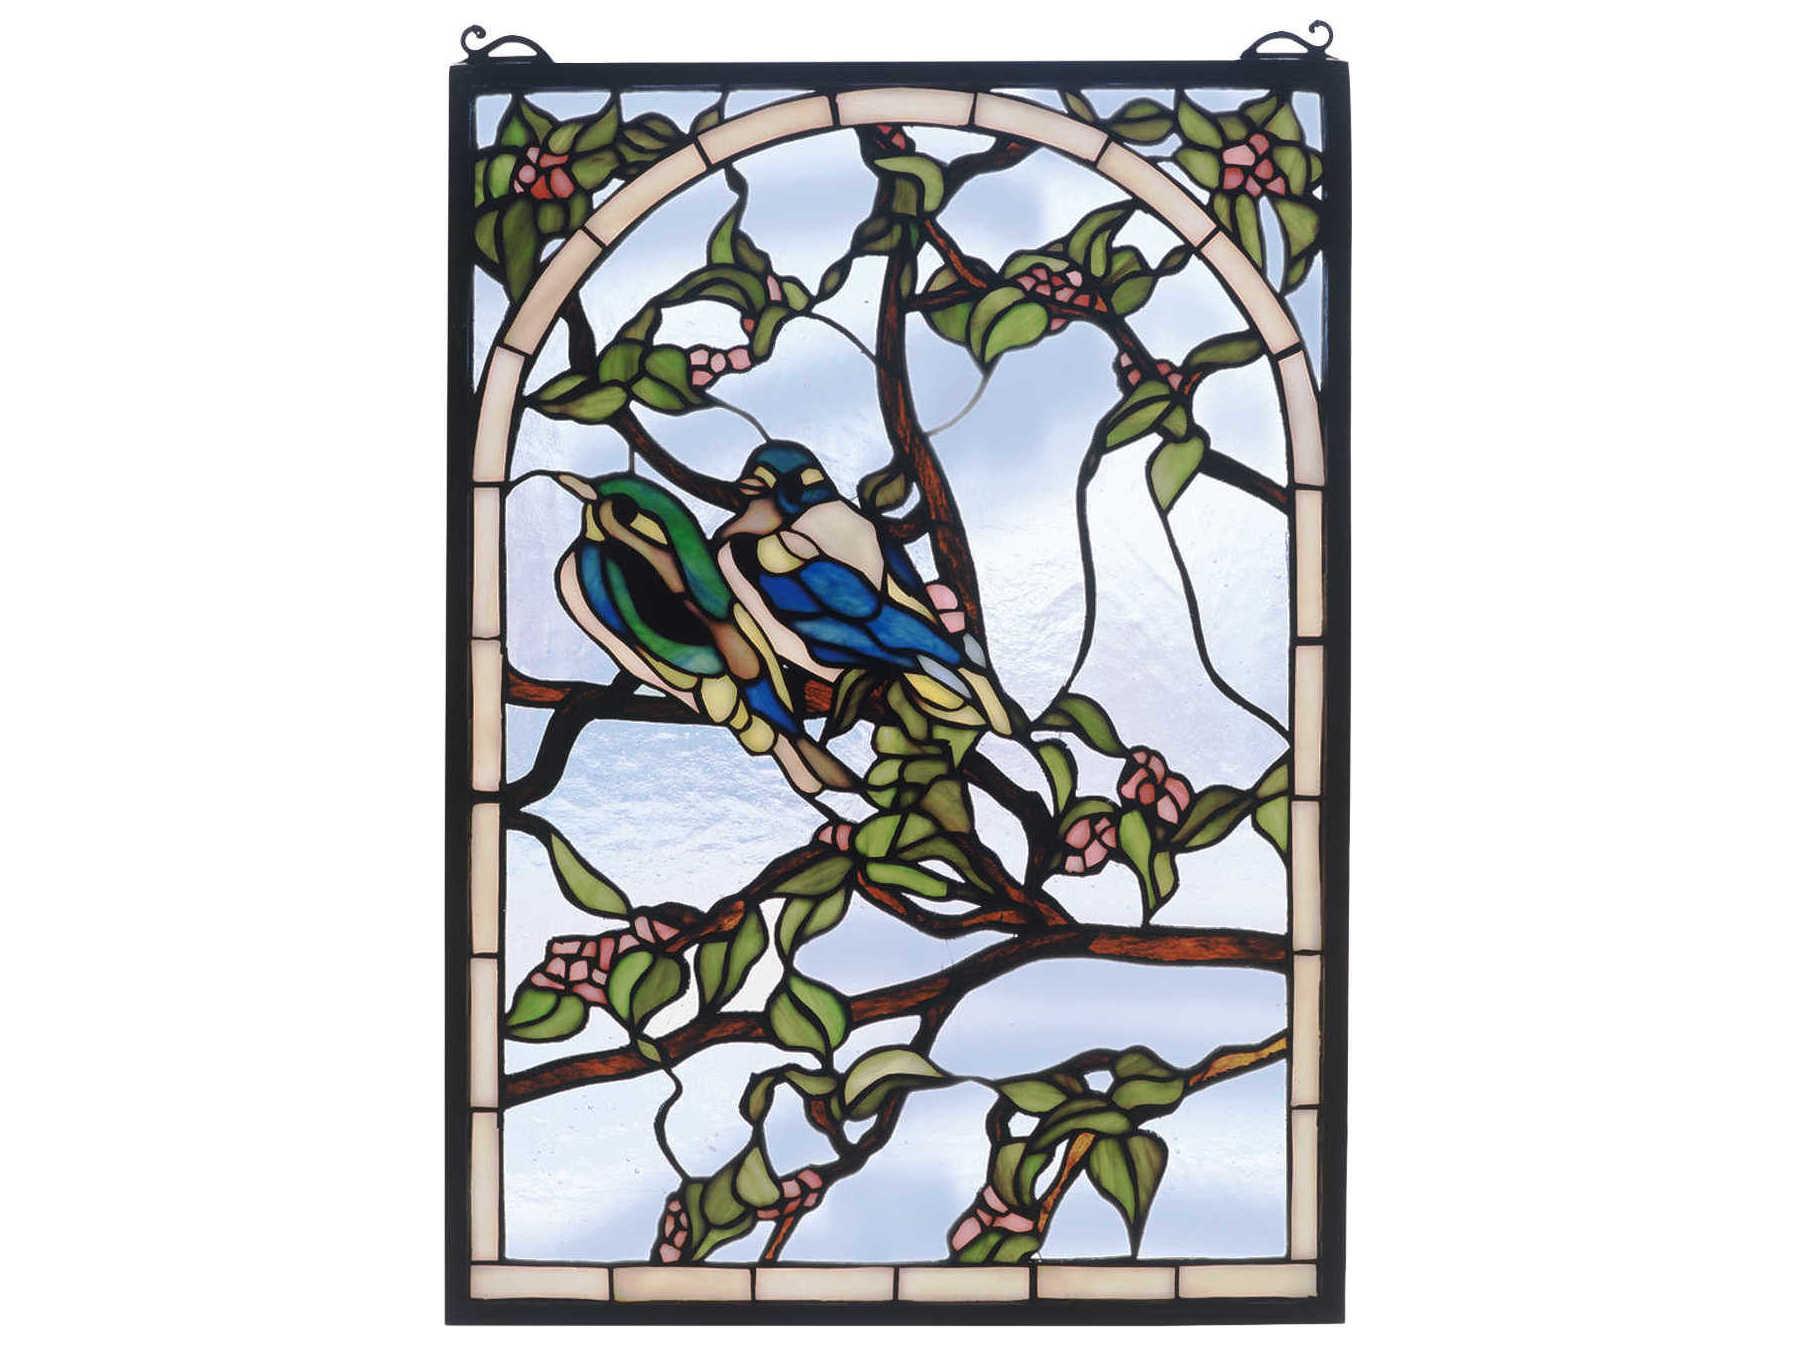 Meyda Tiffany Lovebirds Stained Glass Window My47966